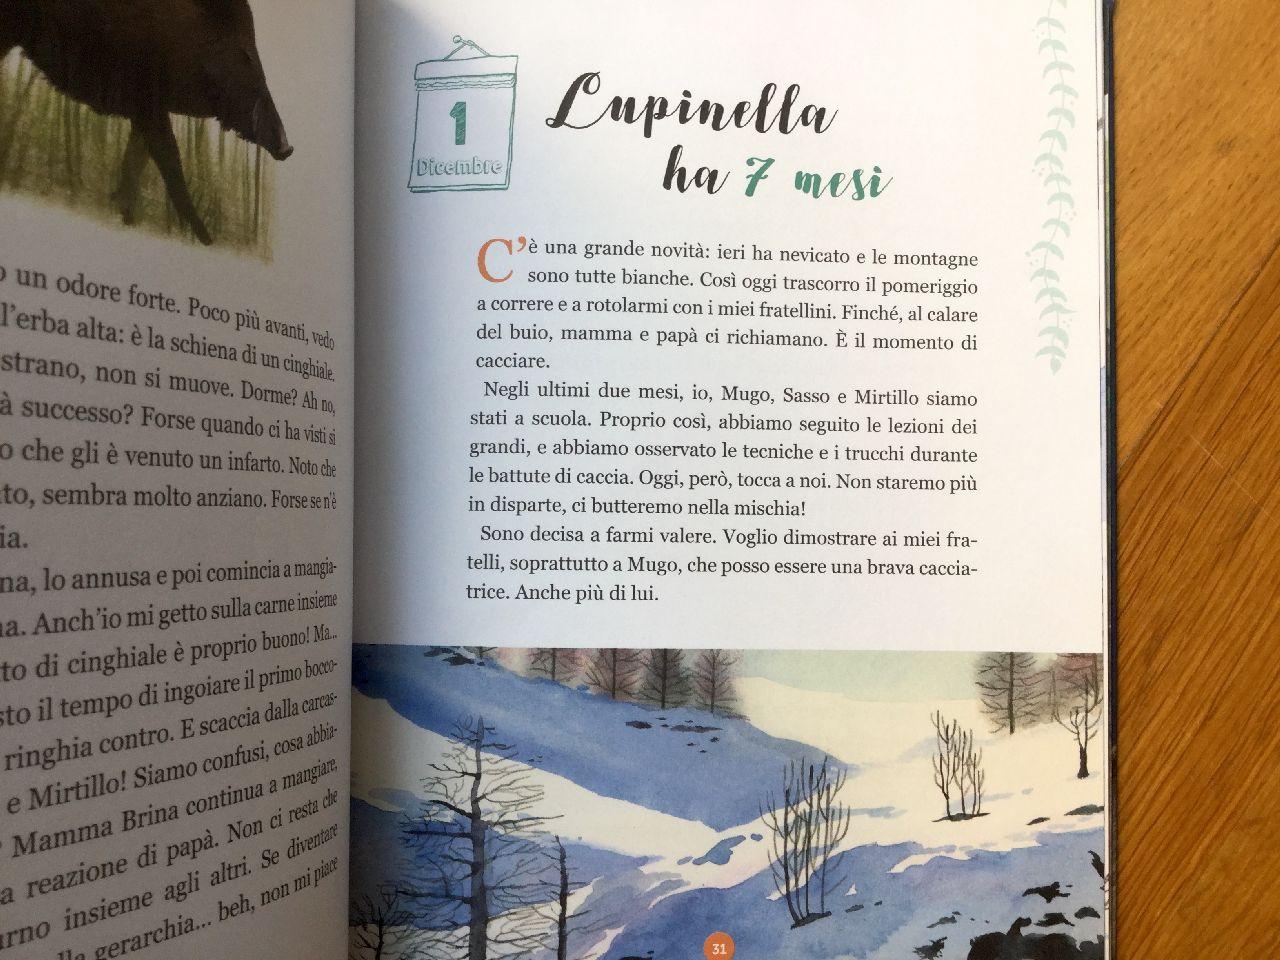 Giuseppe Festa - Mariachiara Di Giorgio, Lupinella, Editoriale Scienza